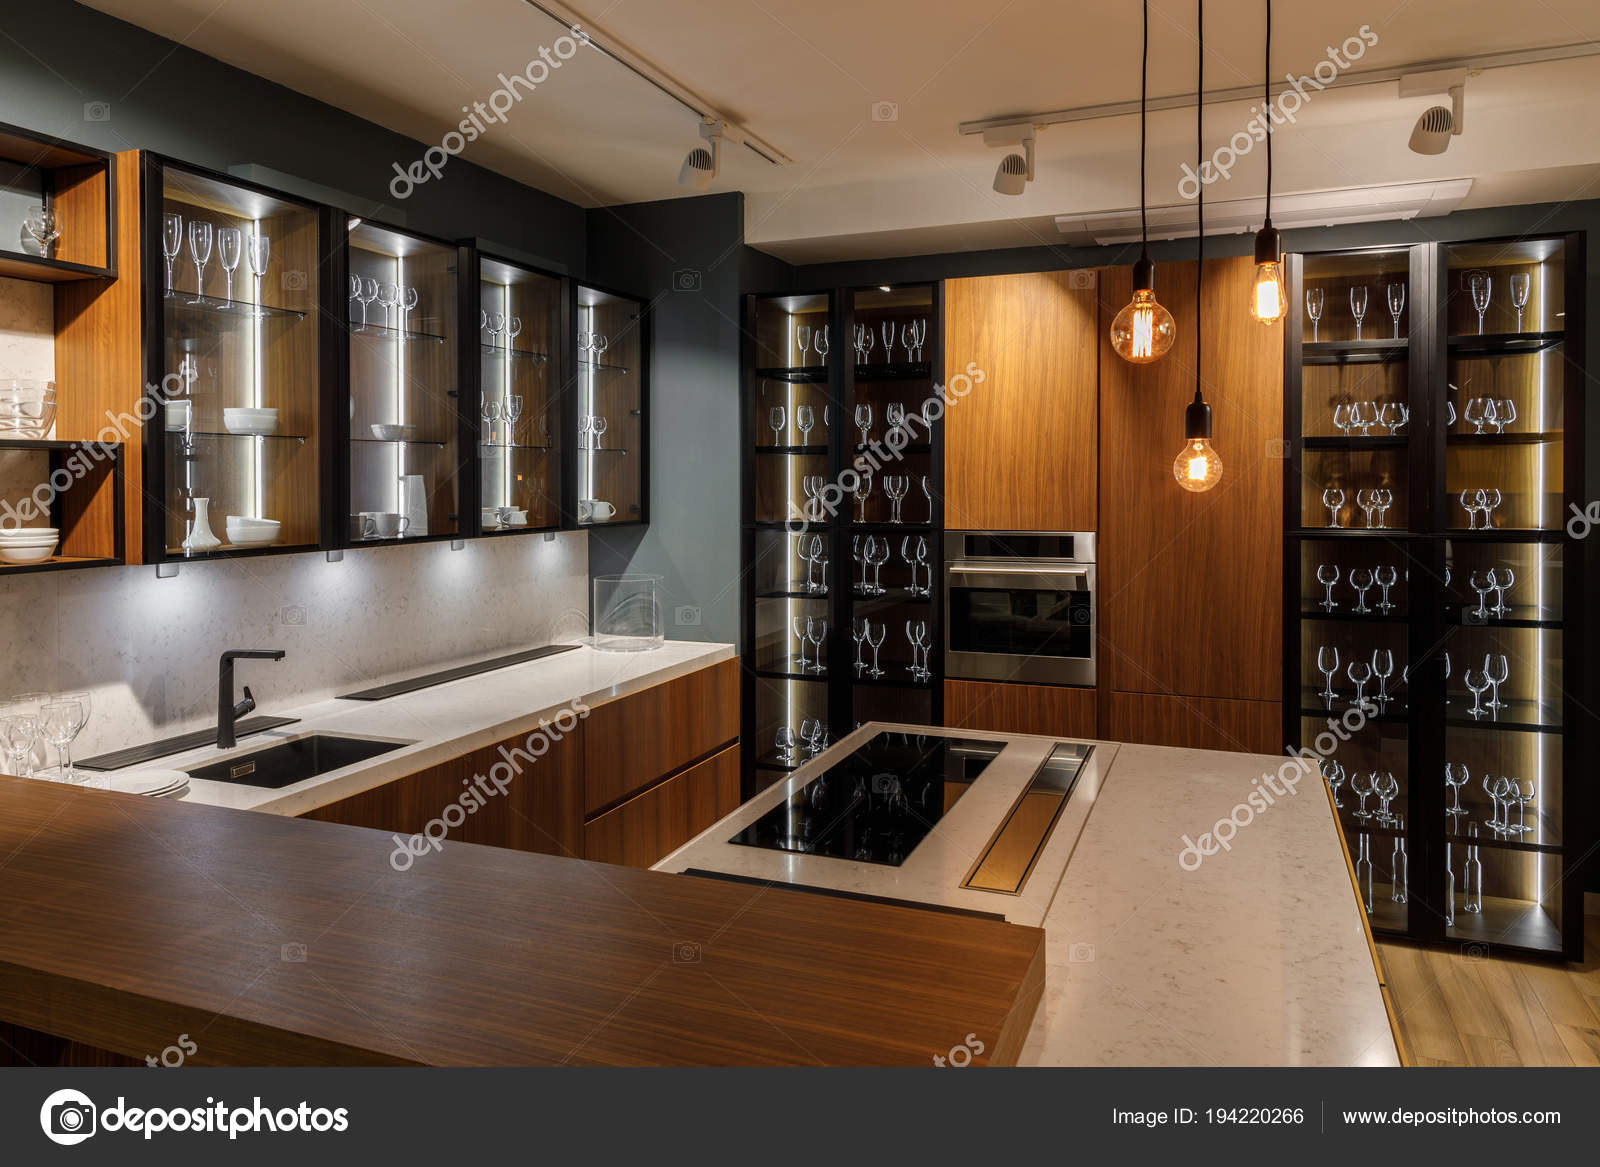 Moderne Keuken Lampen : Interieur van moderne keuken met glazen kasten decoratieve lampen